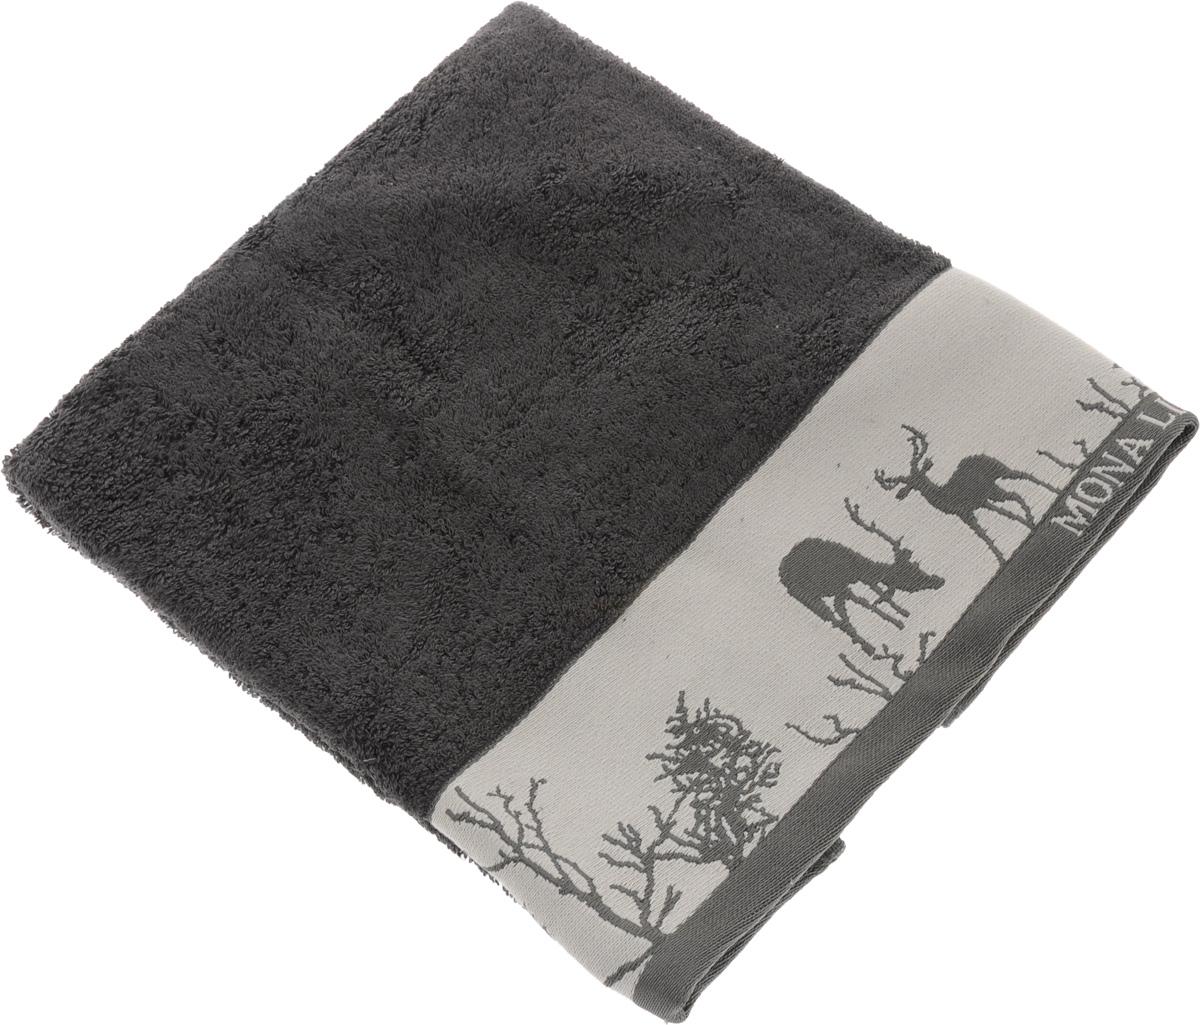 Полотенце Mona Liza Wild, цвет: графит, светло-серый, 50 х 90 см68/5/4Мягкое полотенце Wild изготовлено из 30% хлопка и 70% бамбукового волокна. Полотенце Wild с жаккардовым бордюром обладает высокой впитывающей способностью и сочетает в себе элегантную роскошь и практичность. Благодаря высокому качеству изготовления, полотенце будет радовать вас многие годы. Мотивы коллекции Mona Liza Premium bu Serg Look навеяны итальянскими фресками эпохи Ренессанса, периода удивительной гармонии в искусстве. В представленной коллекции для нанесения на ткань рисунка применяется многоцветная печать, метод реактивного крашения, который позволяет создать уникальную цветовую гамму, напоминающую старинные фрески. Этот метод также обеспечивает высокую устойчивость краски при стирке.